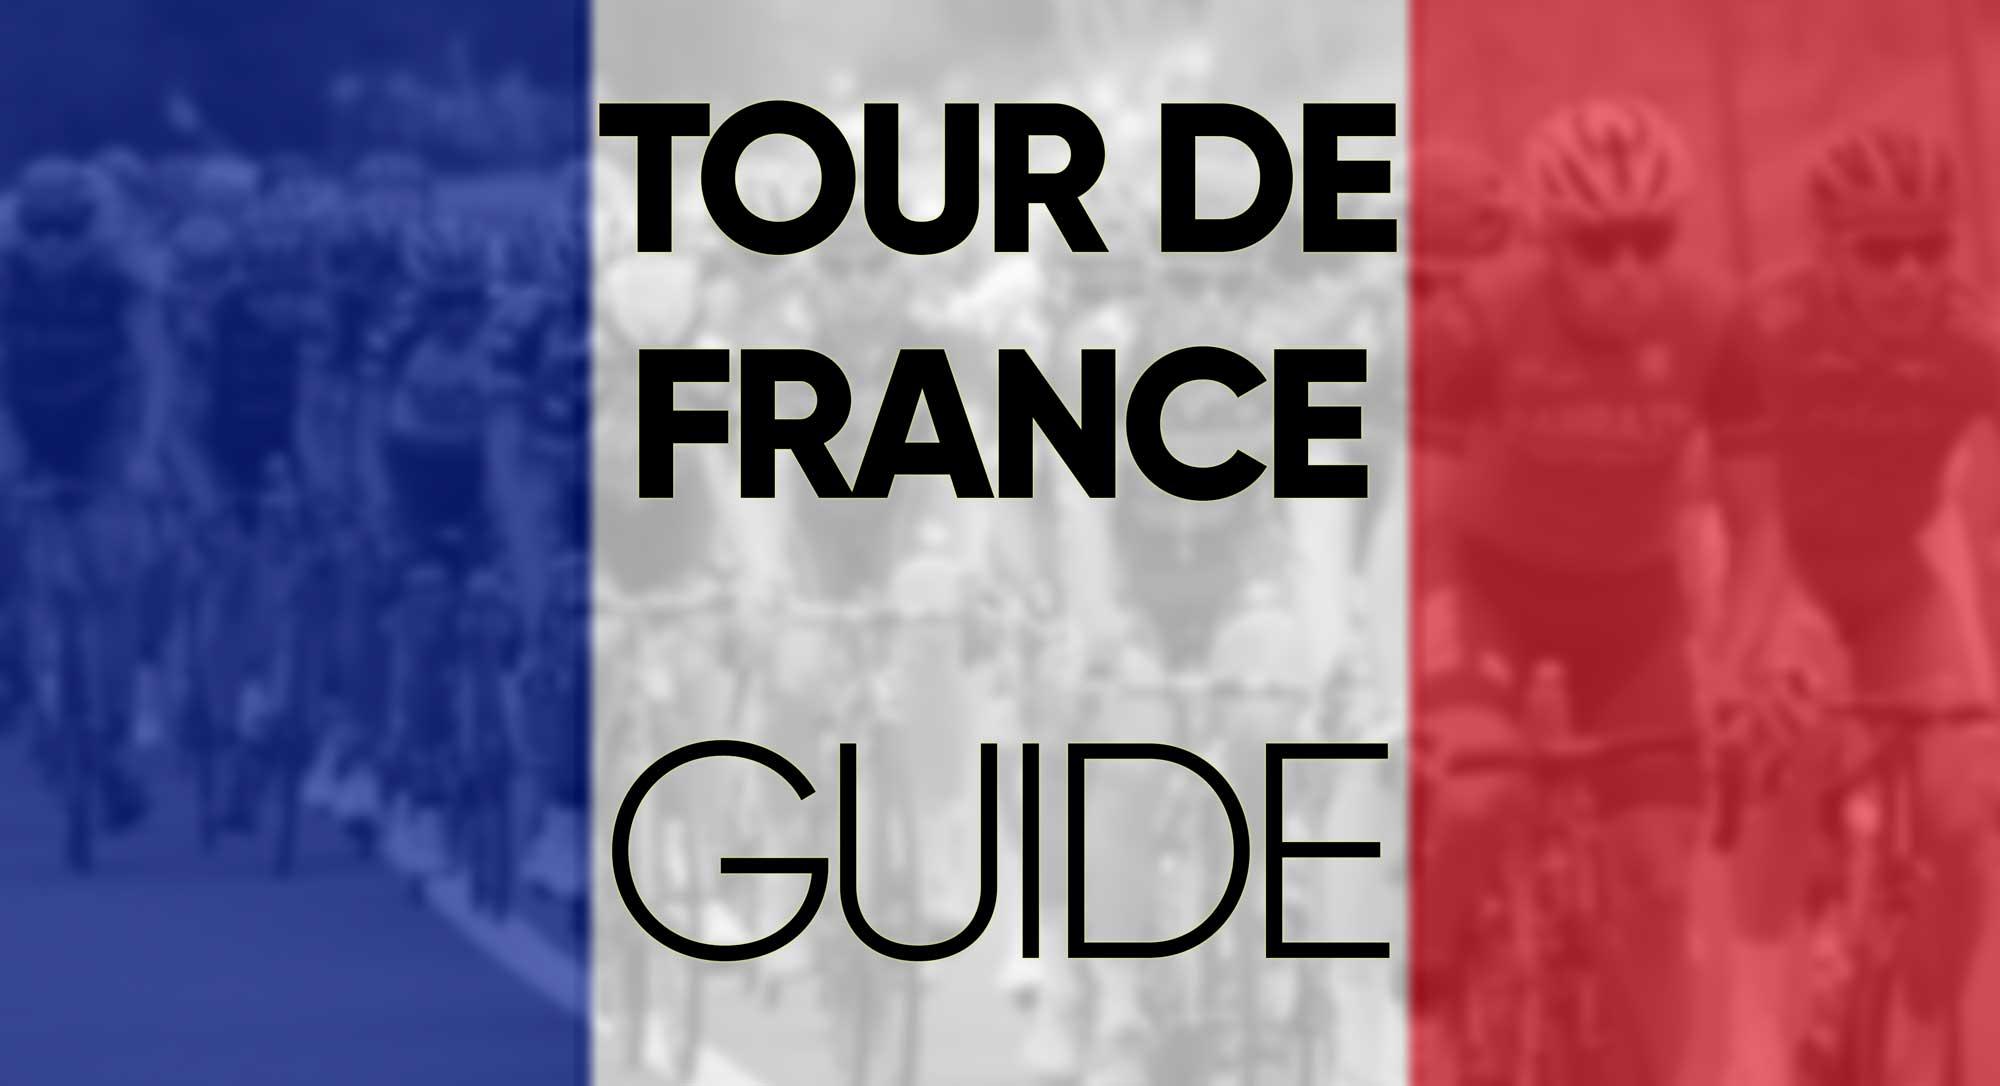 Tour de France Guide